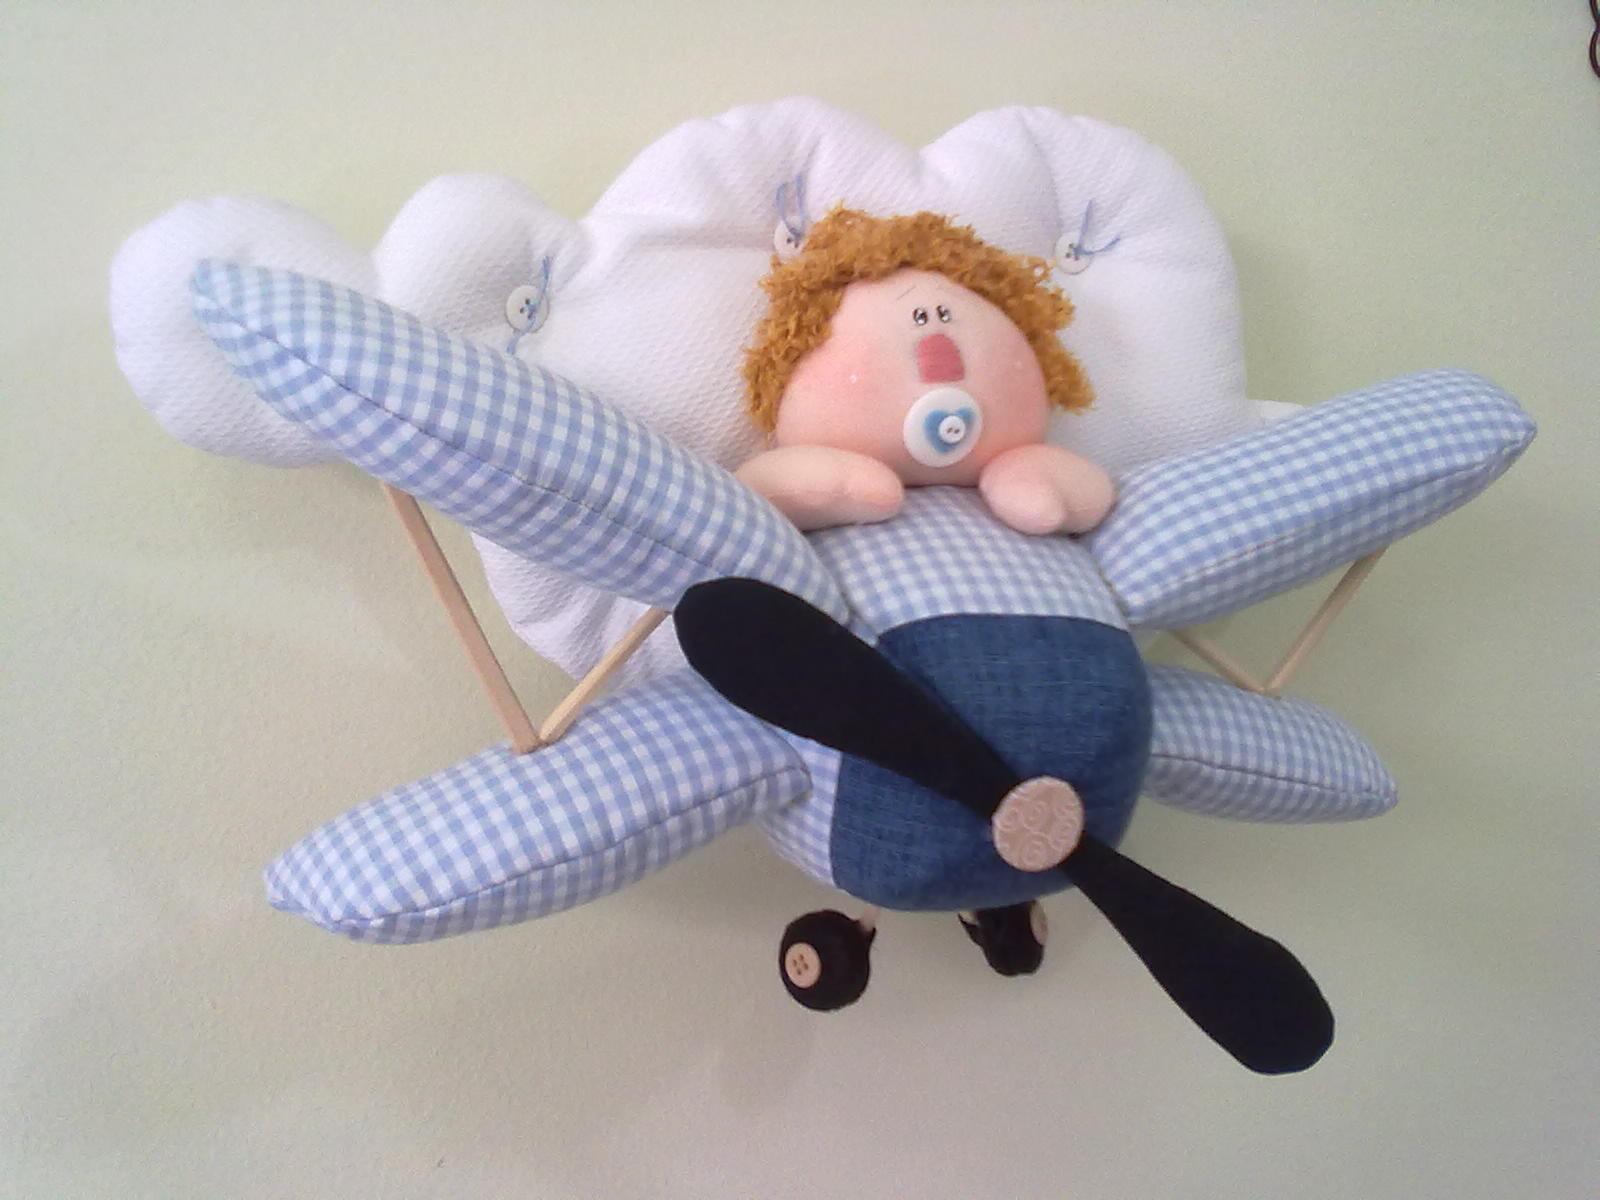 Enfeite Para Cortina Quarto De Bebe ~ Yazzic.com : Obtenha uma coleção de imagens do quarto para ...